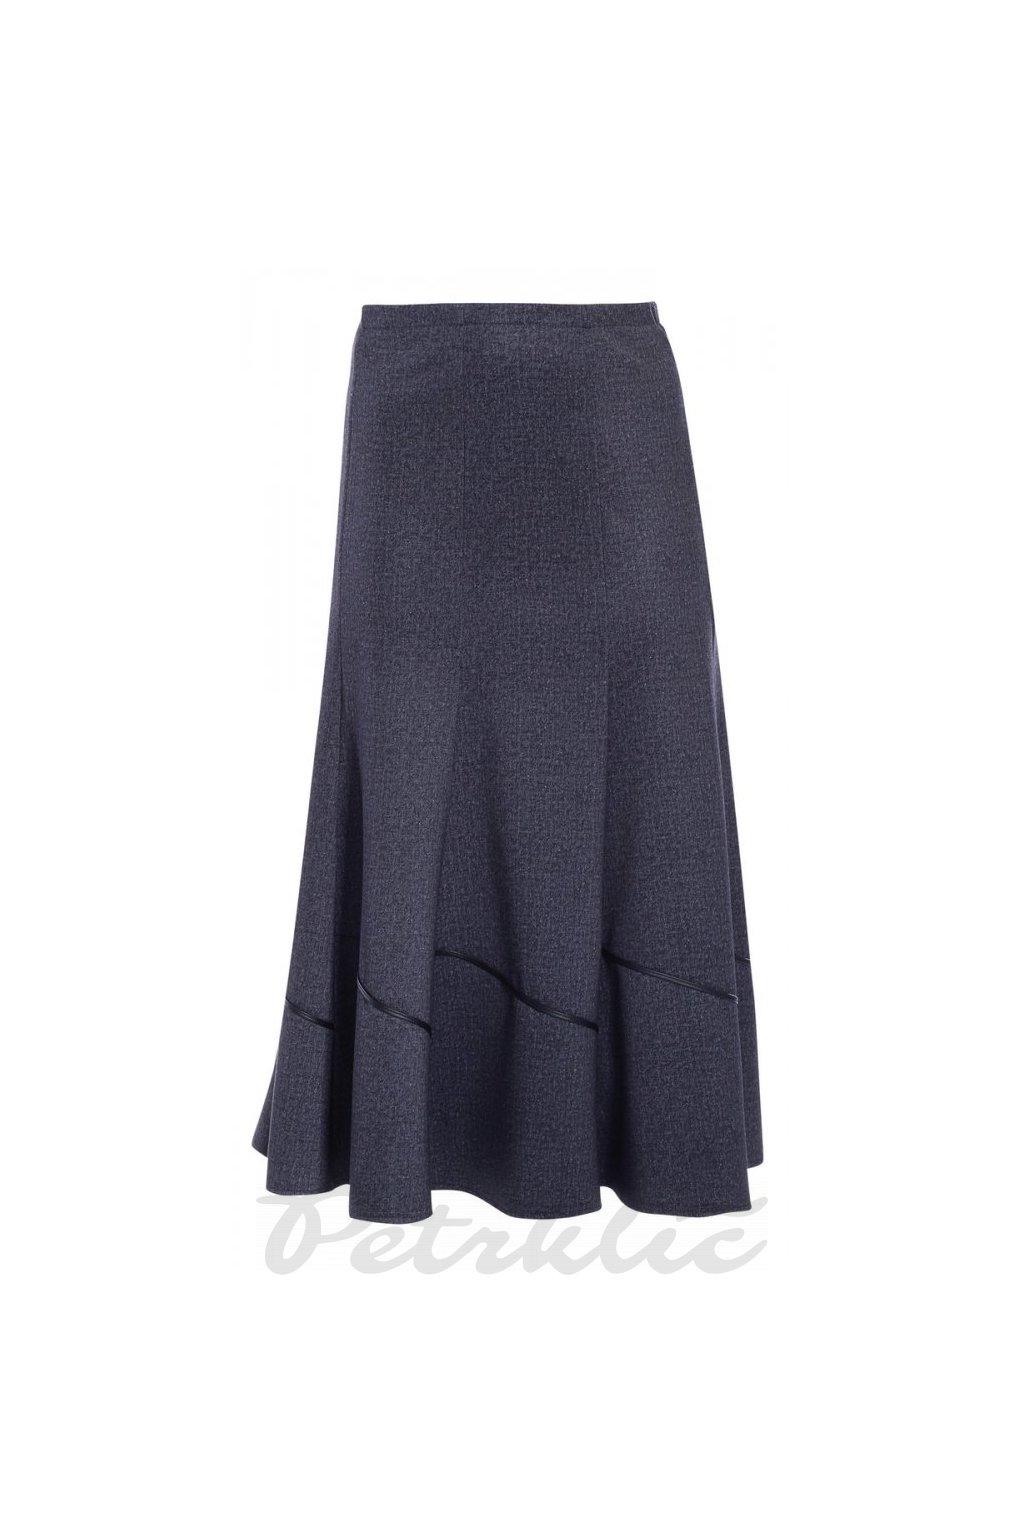 ALICE - sukně 90 - 95 cm